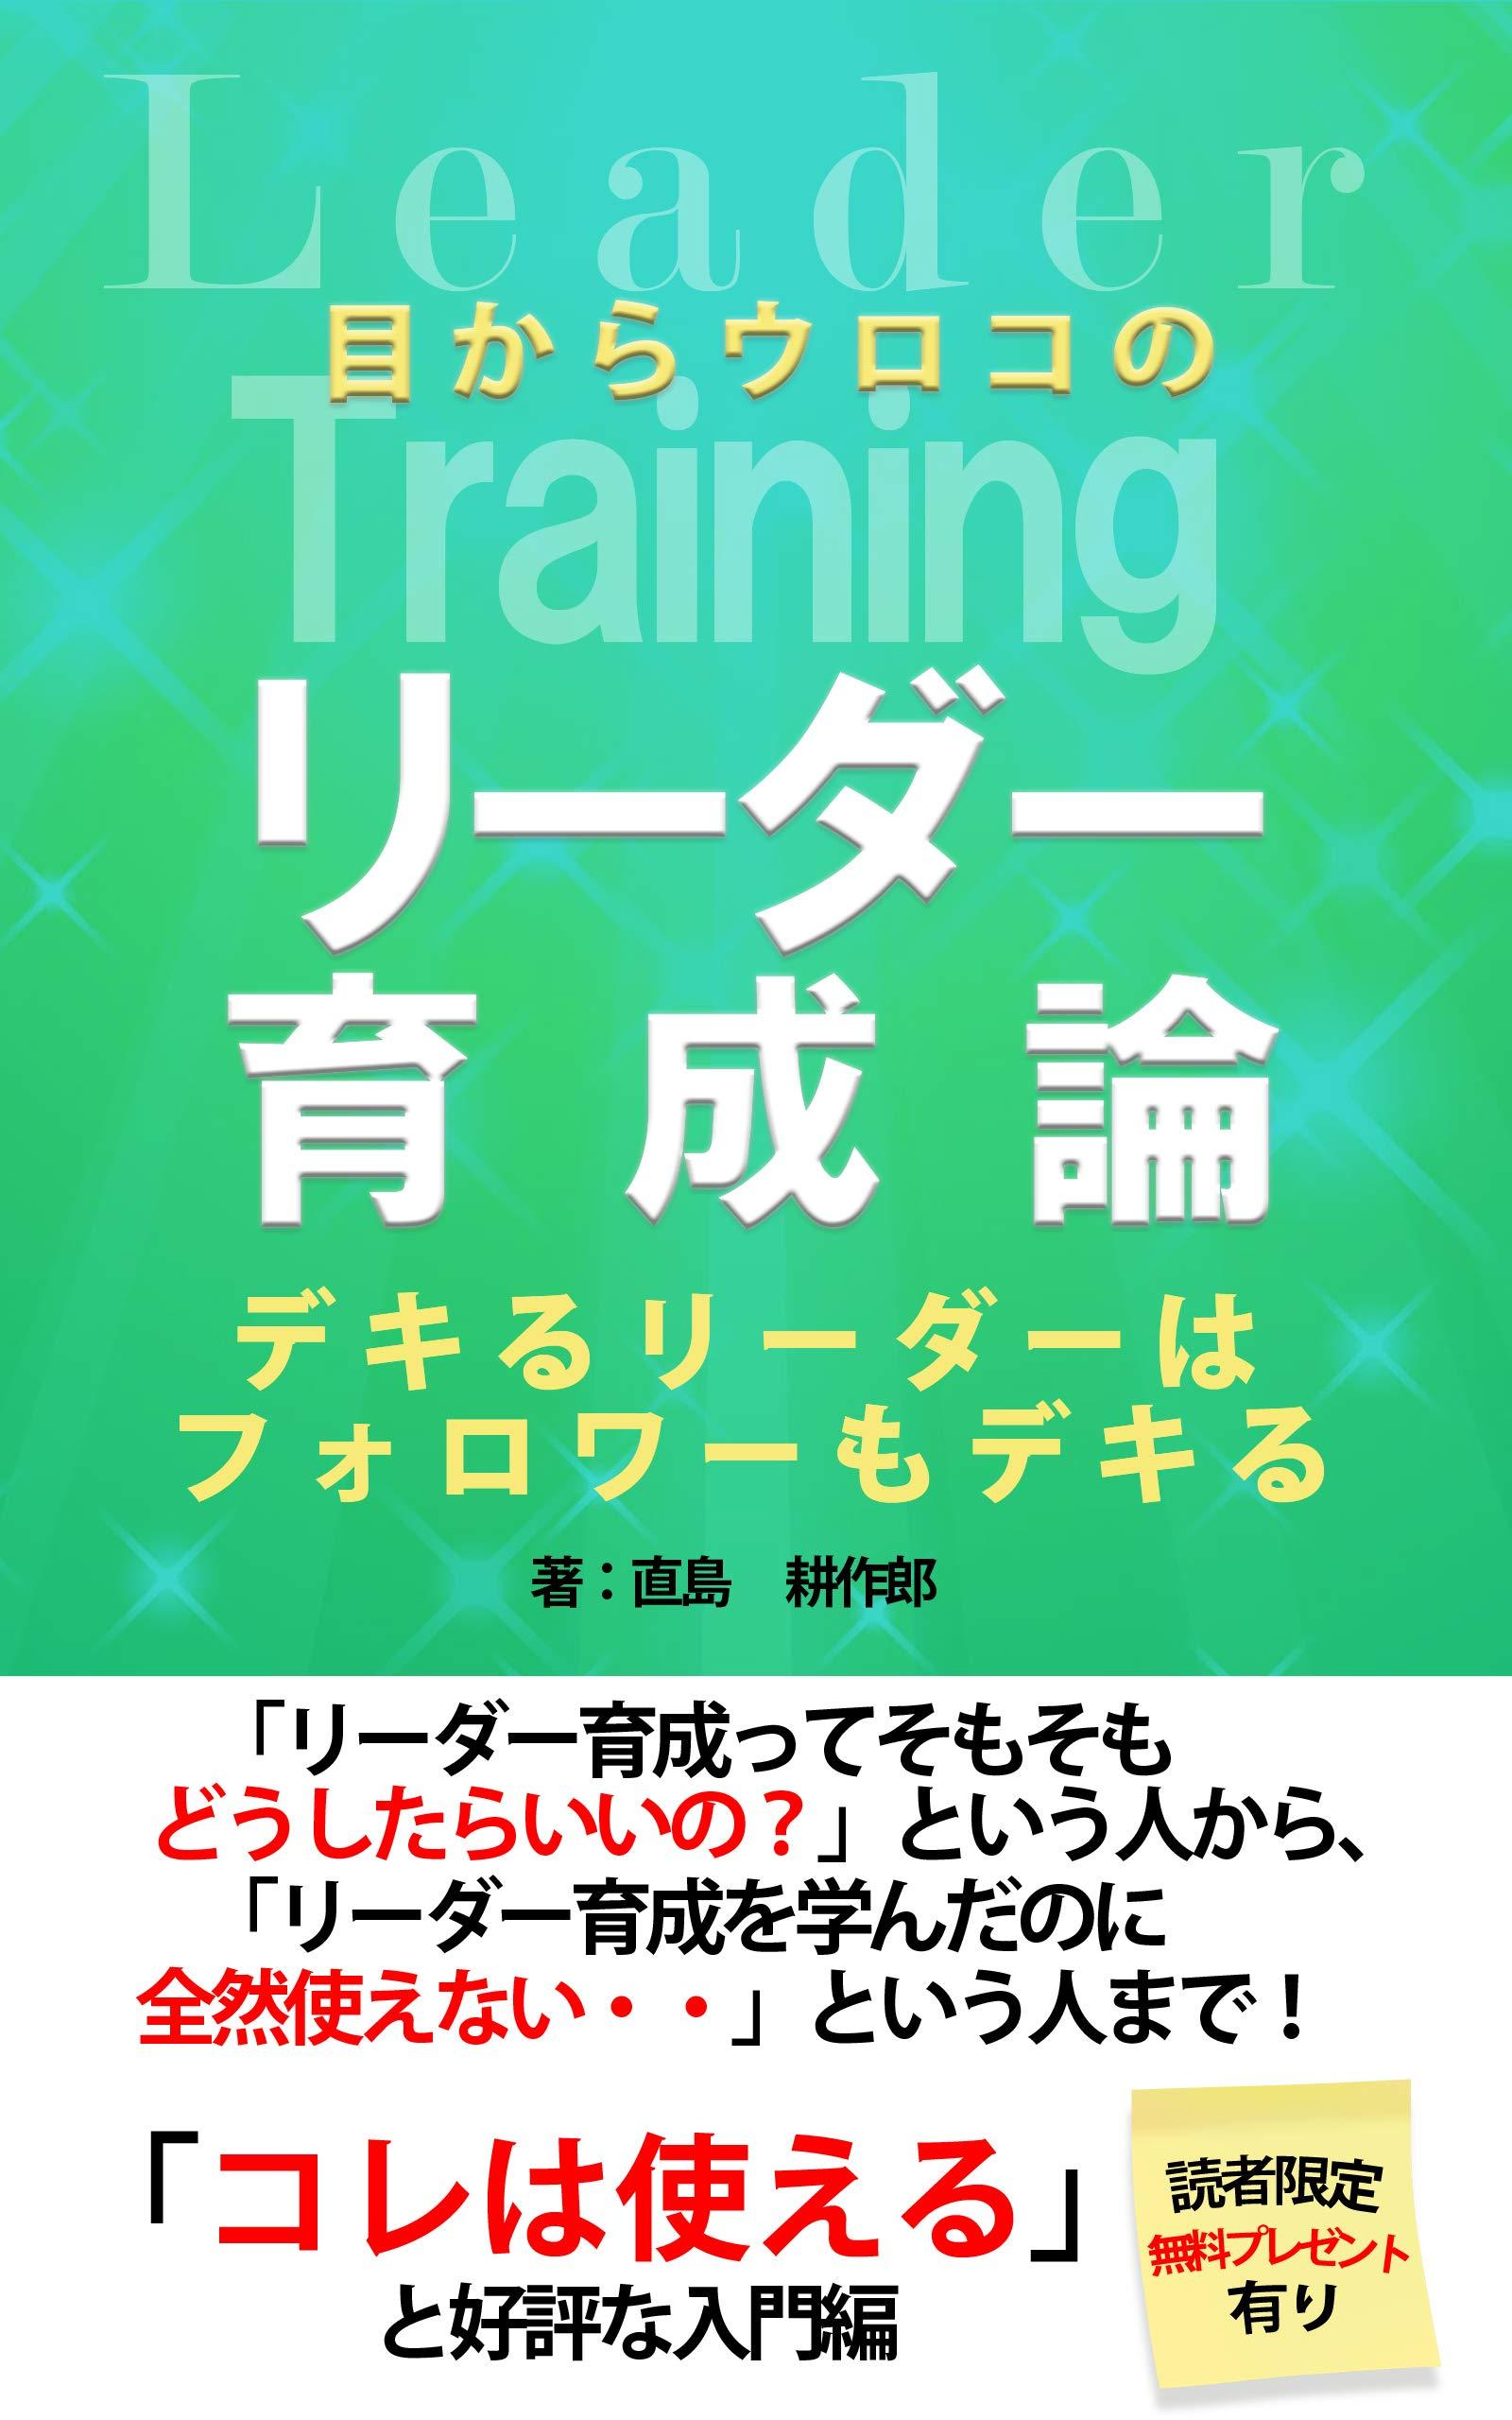 mekaraurokonoreaderikuseiron: dekirureaderhafollowermodekiru (Japanese Edition)